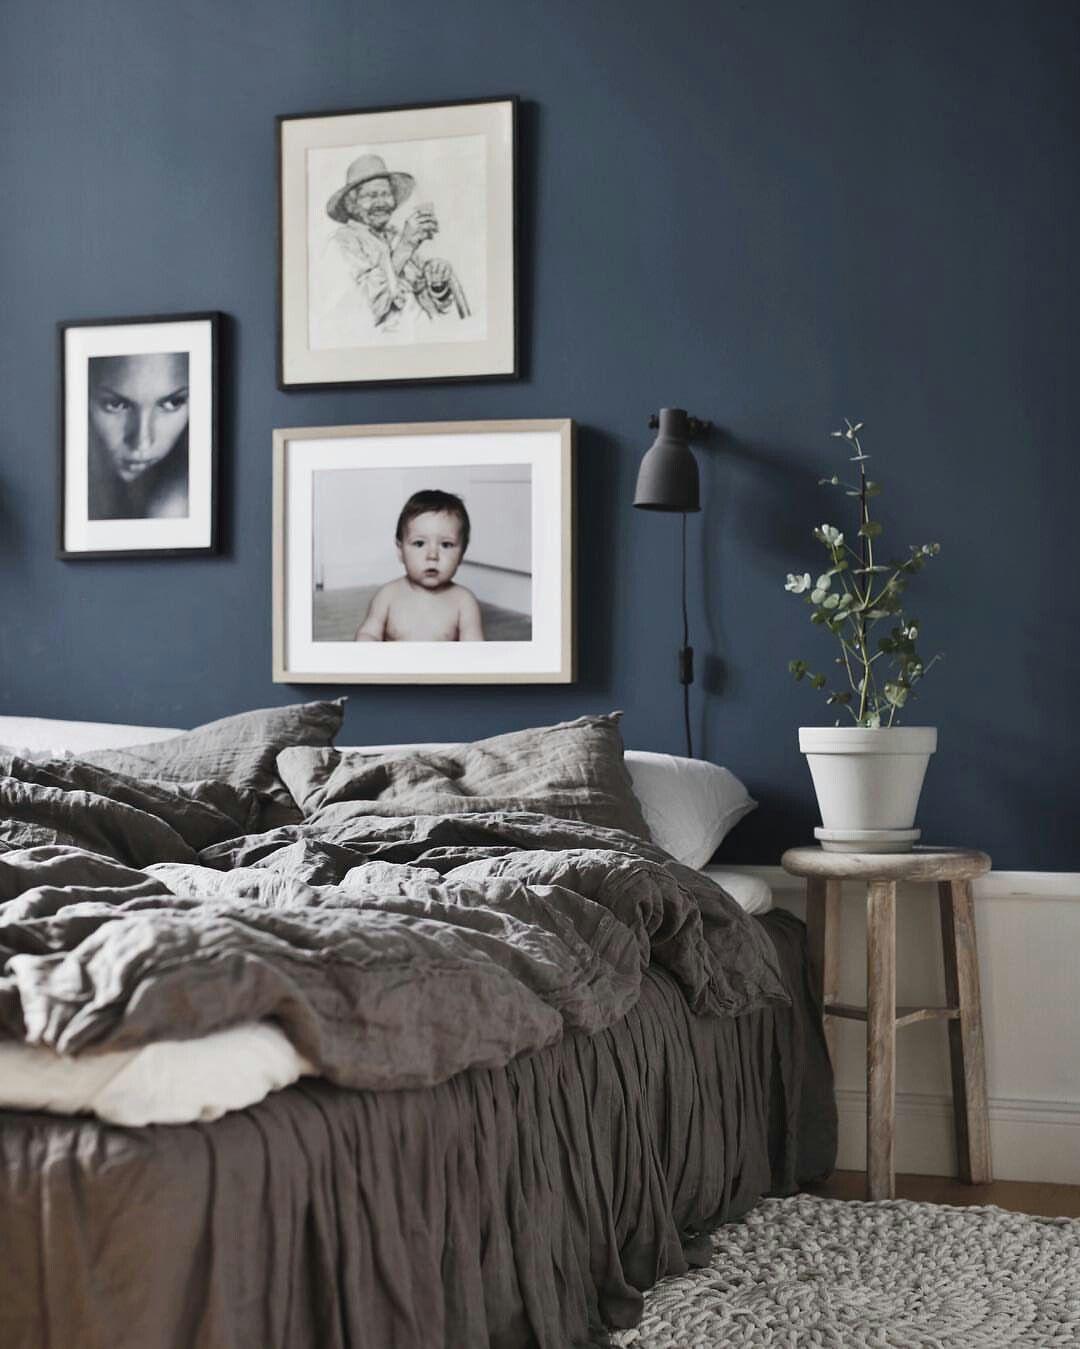 Farben Fur Schlafzimmer Wande Sie Konnte Sogar Gehen Fur Teppiche